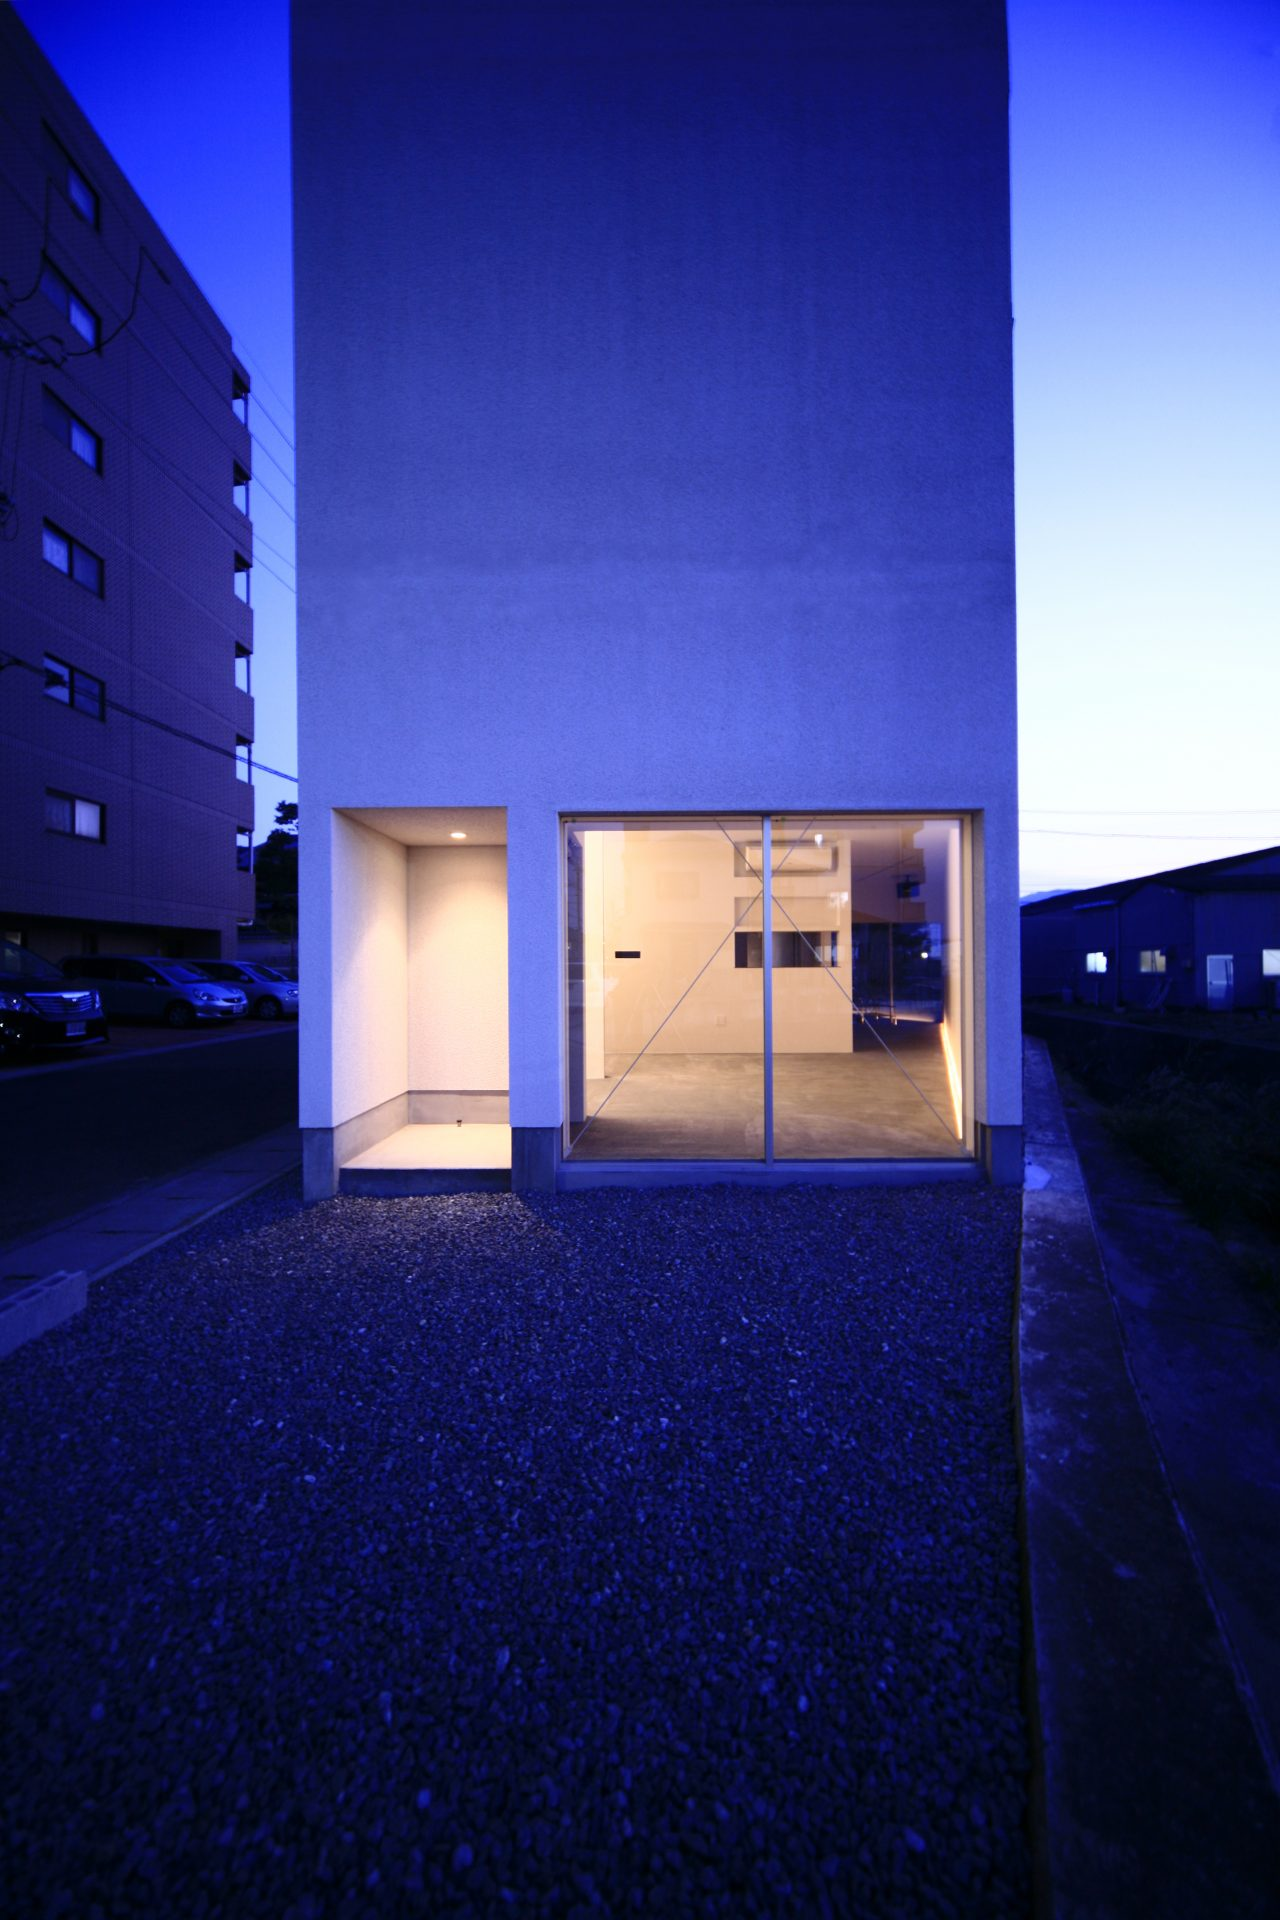 奈良五位堂の店舗兼住宅の外観(夜景)